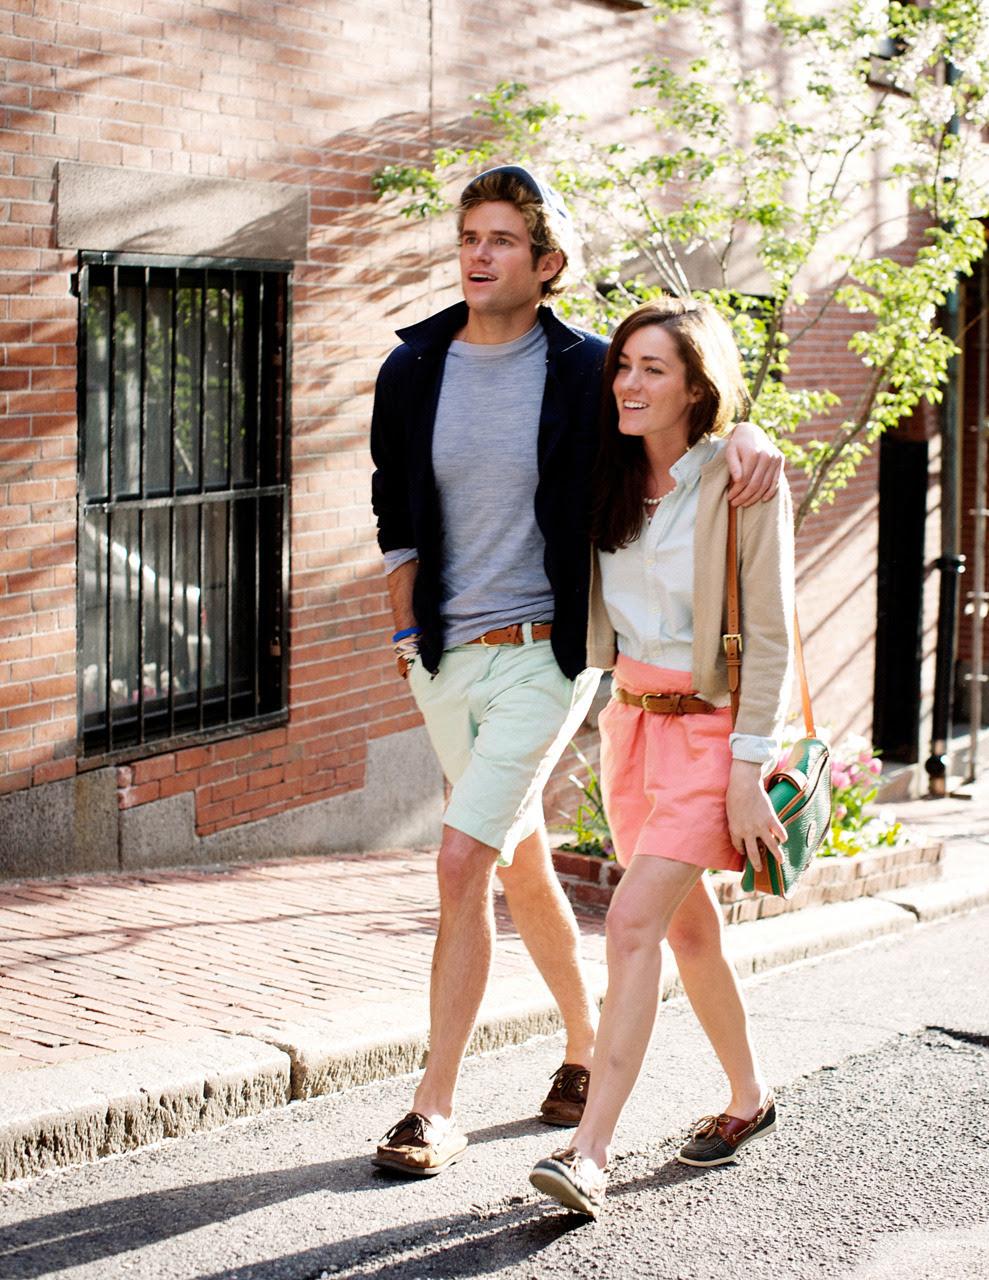 kieljamespatrick:  Beacon Street weekend stroll in Boston.